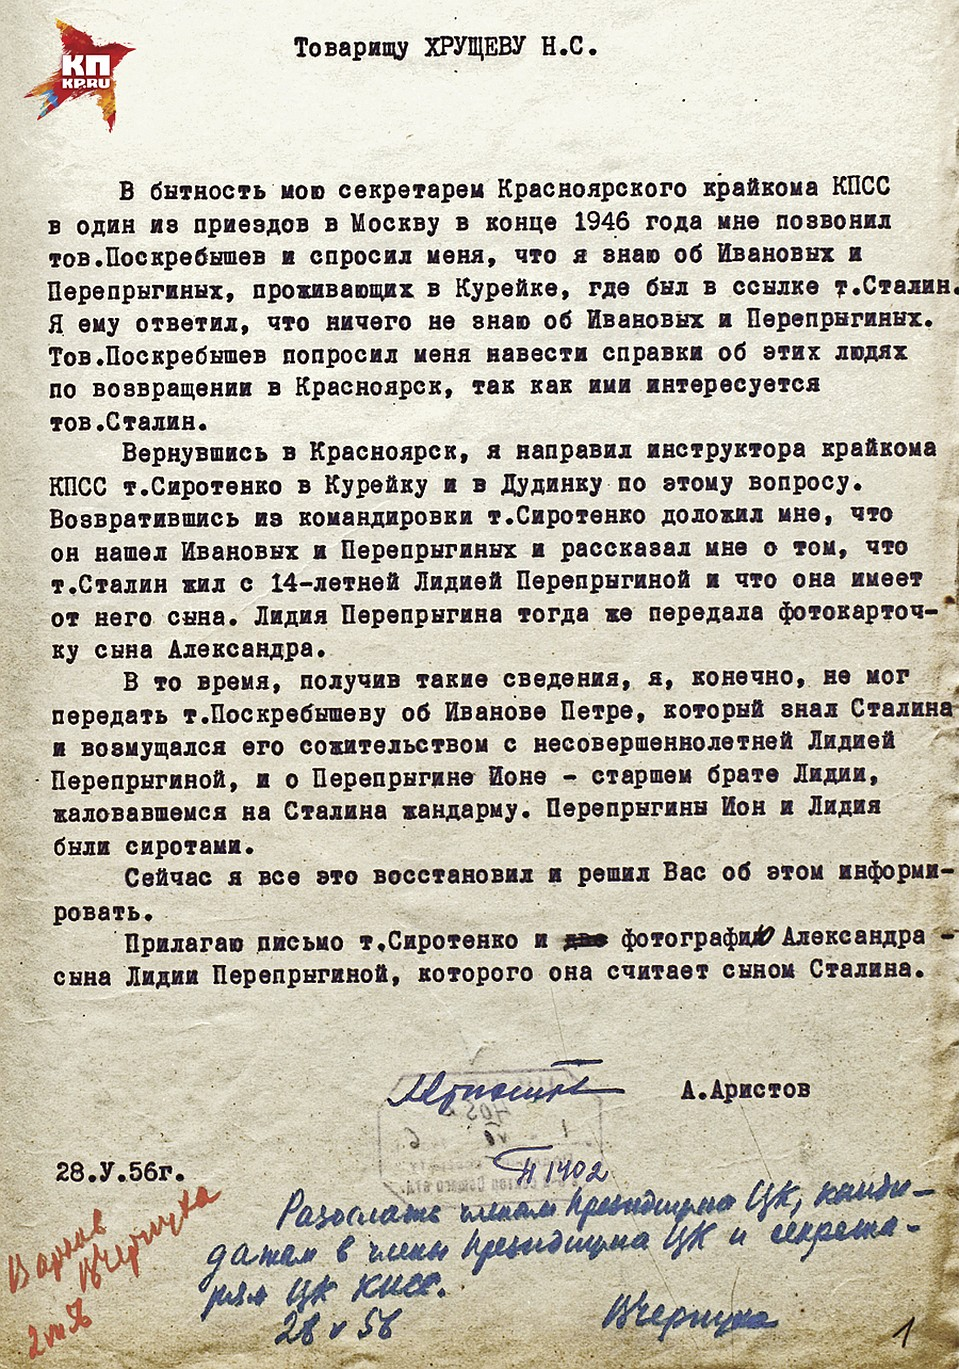 Записку Аристова довели до сведения всех высших партийцев и сразу же засекретили.